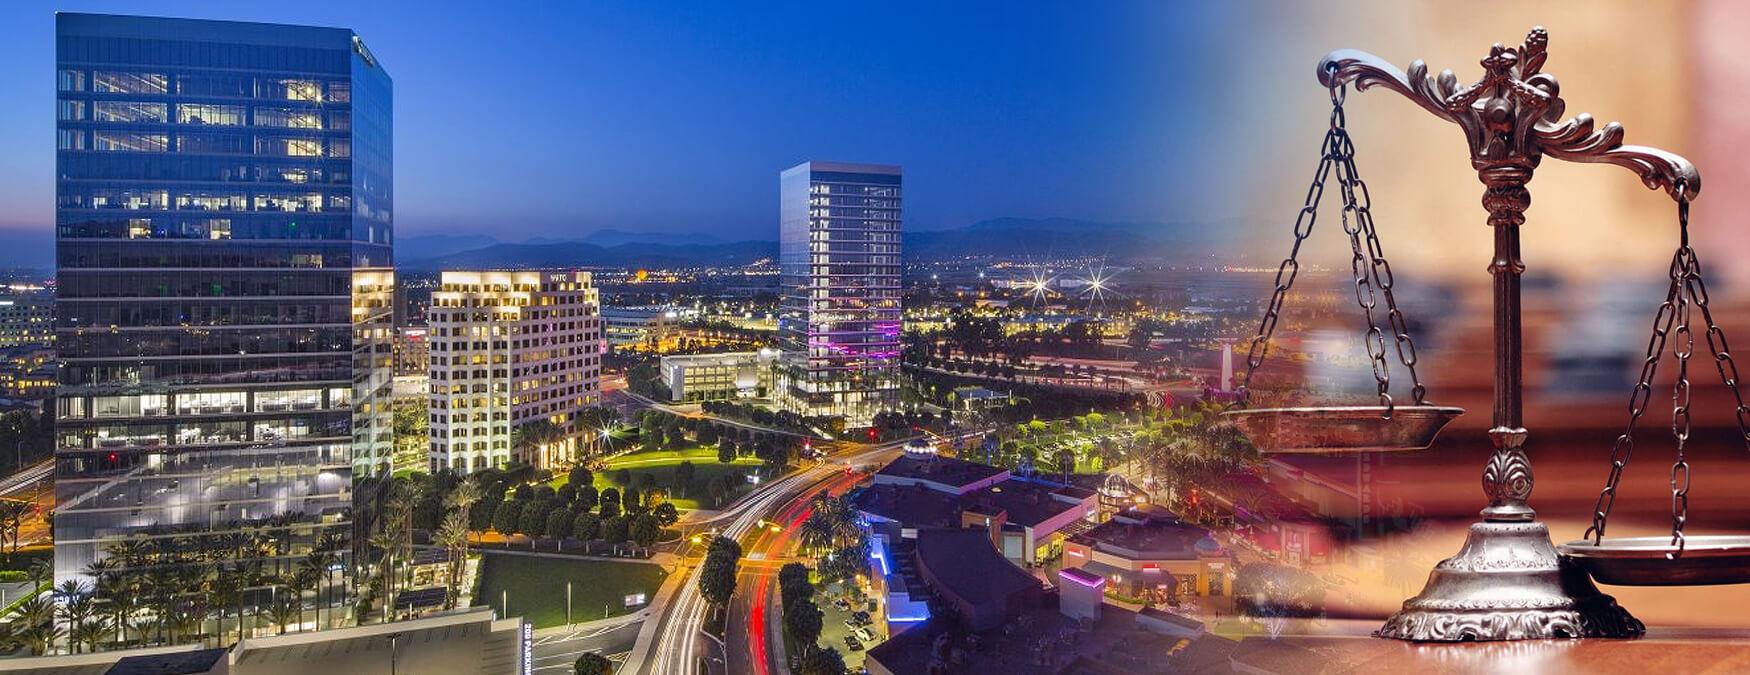 Sadeghi Law Irvine California Image - SA